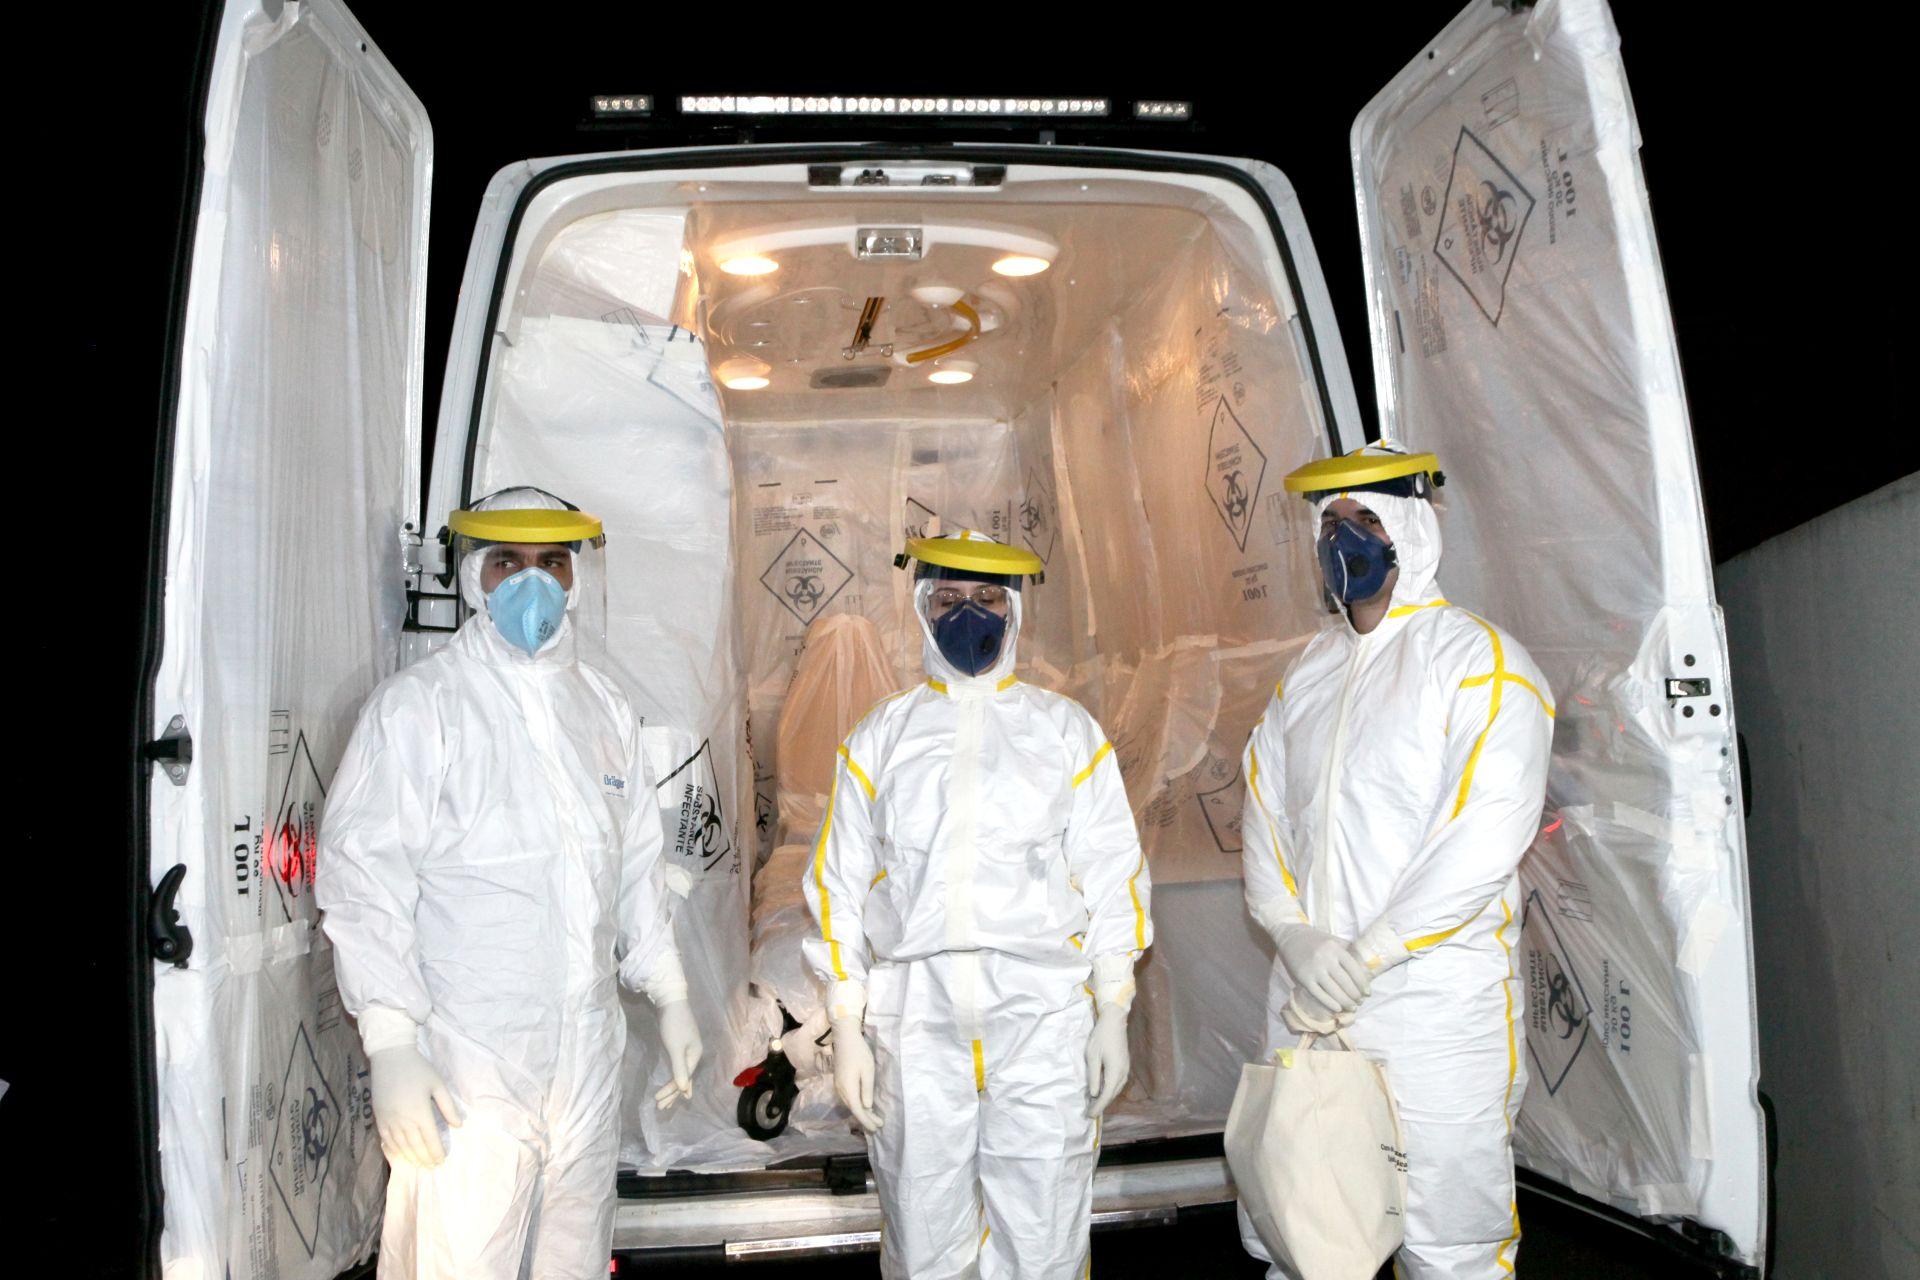 República Democrática do Congo sofreu dois surtos de ebola em 2018. Em 2014, Paraná teve paciente com suspeita de Ebola (Foto: Fabio Conterno / Gazeta do Povo / arquivo)